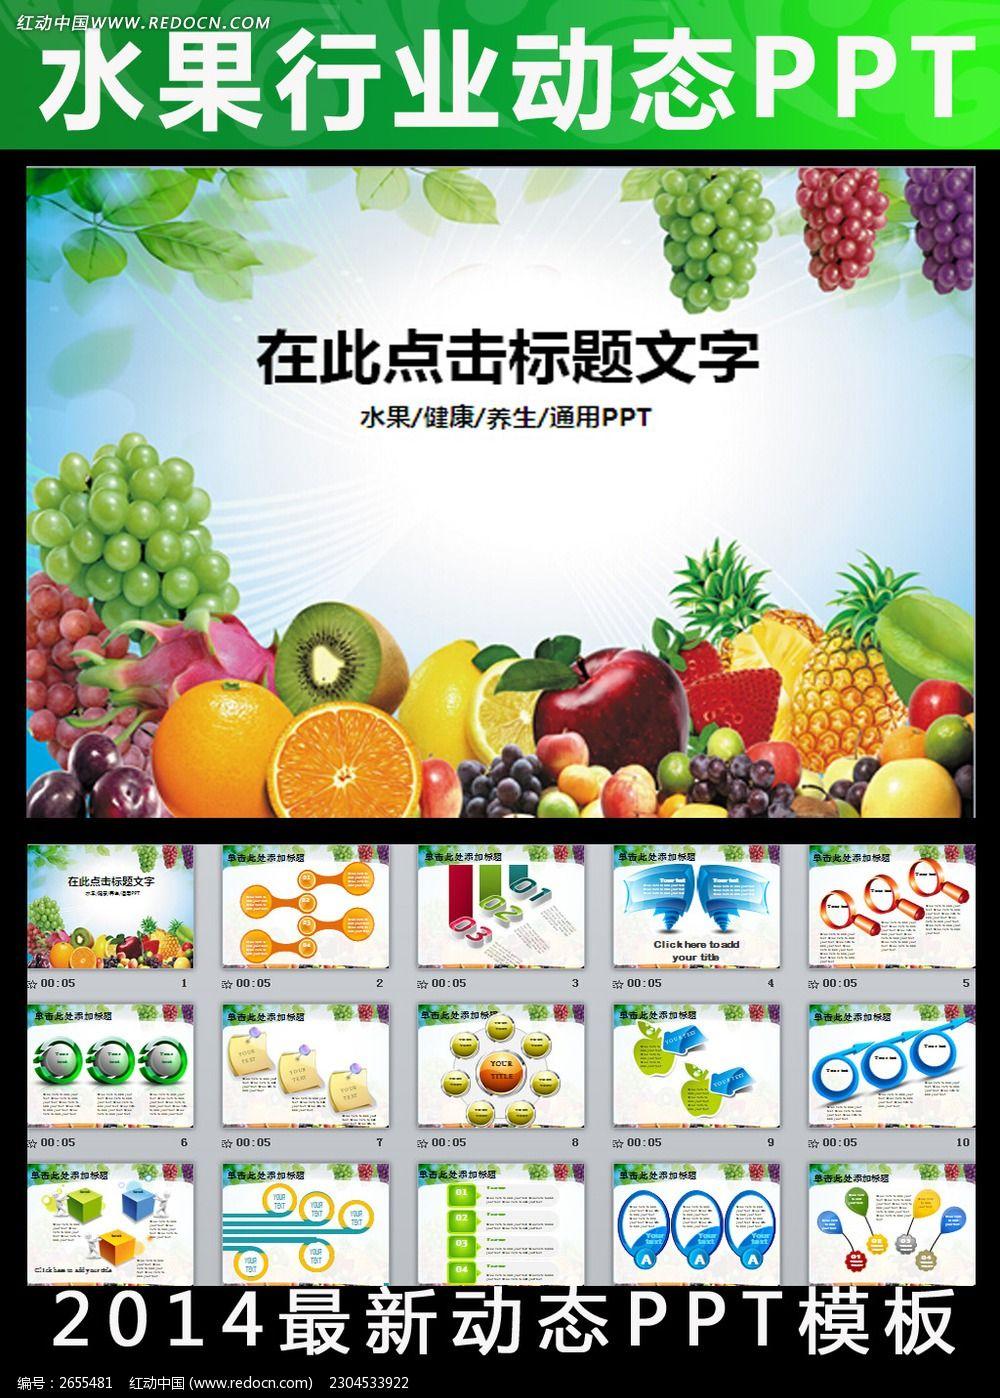 健康水果蔬菜养生讲座幻灯片ppt模板